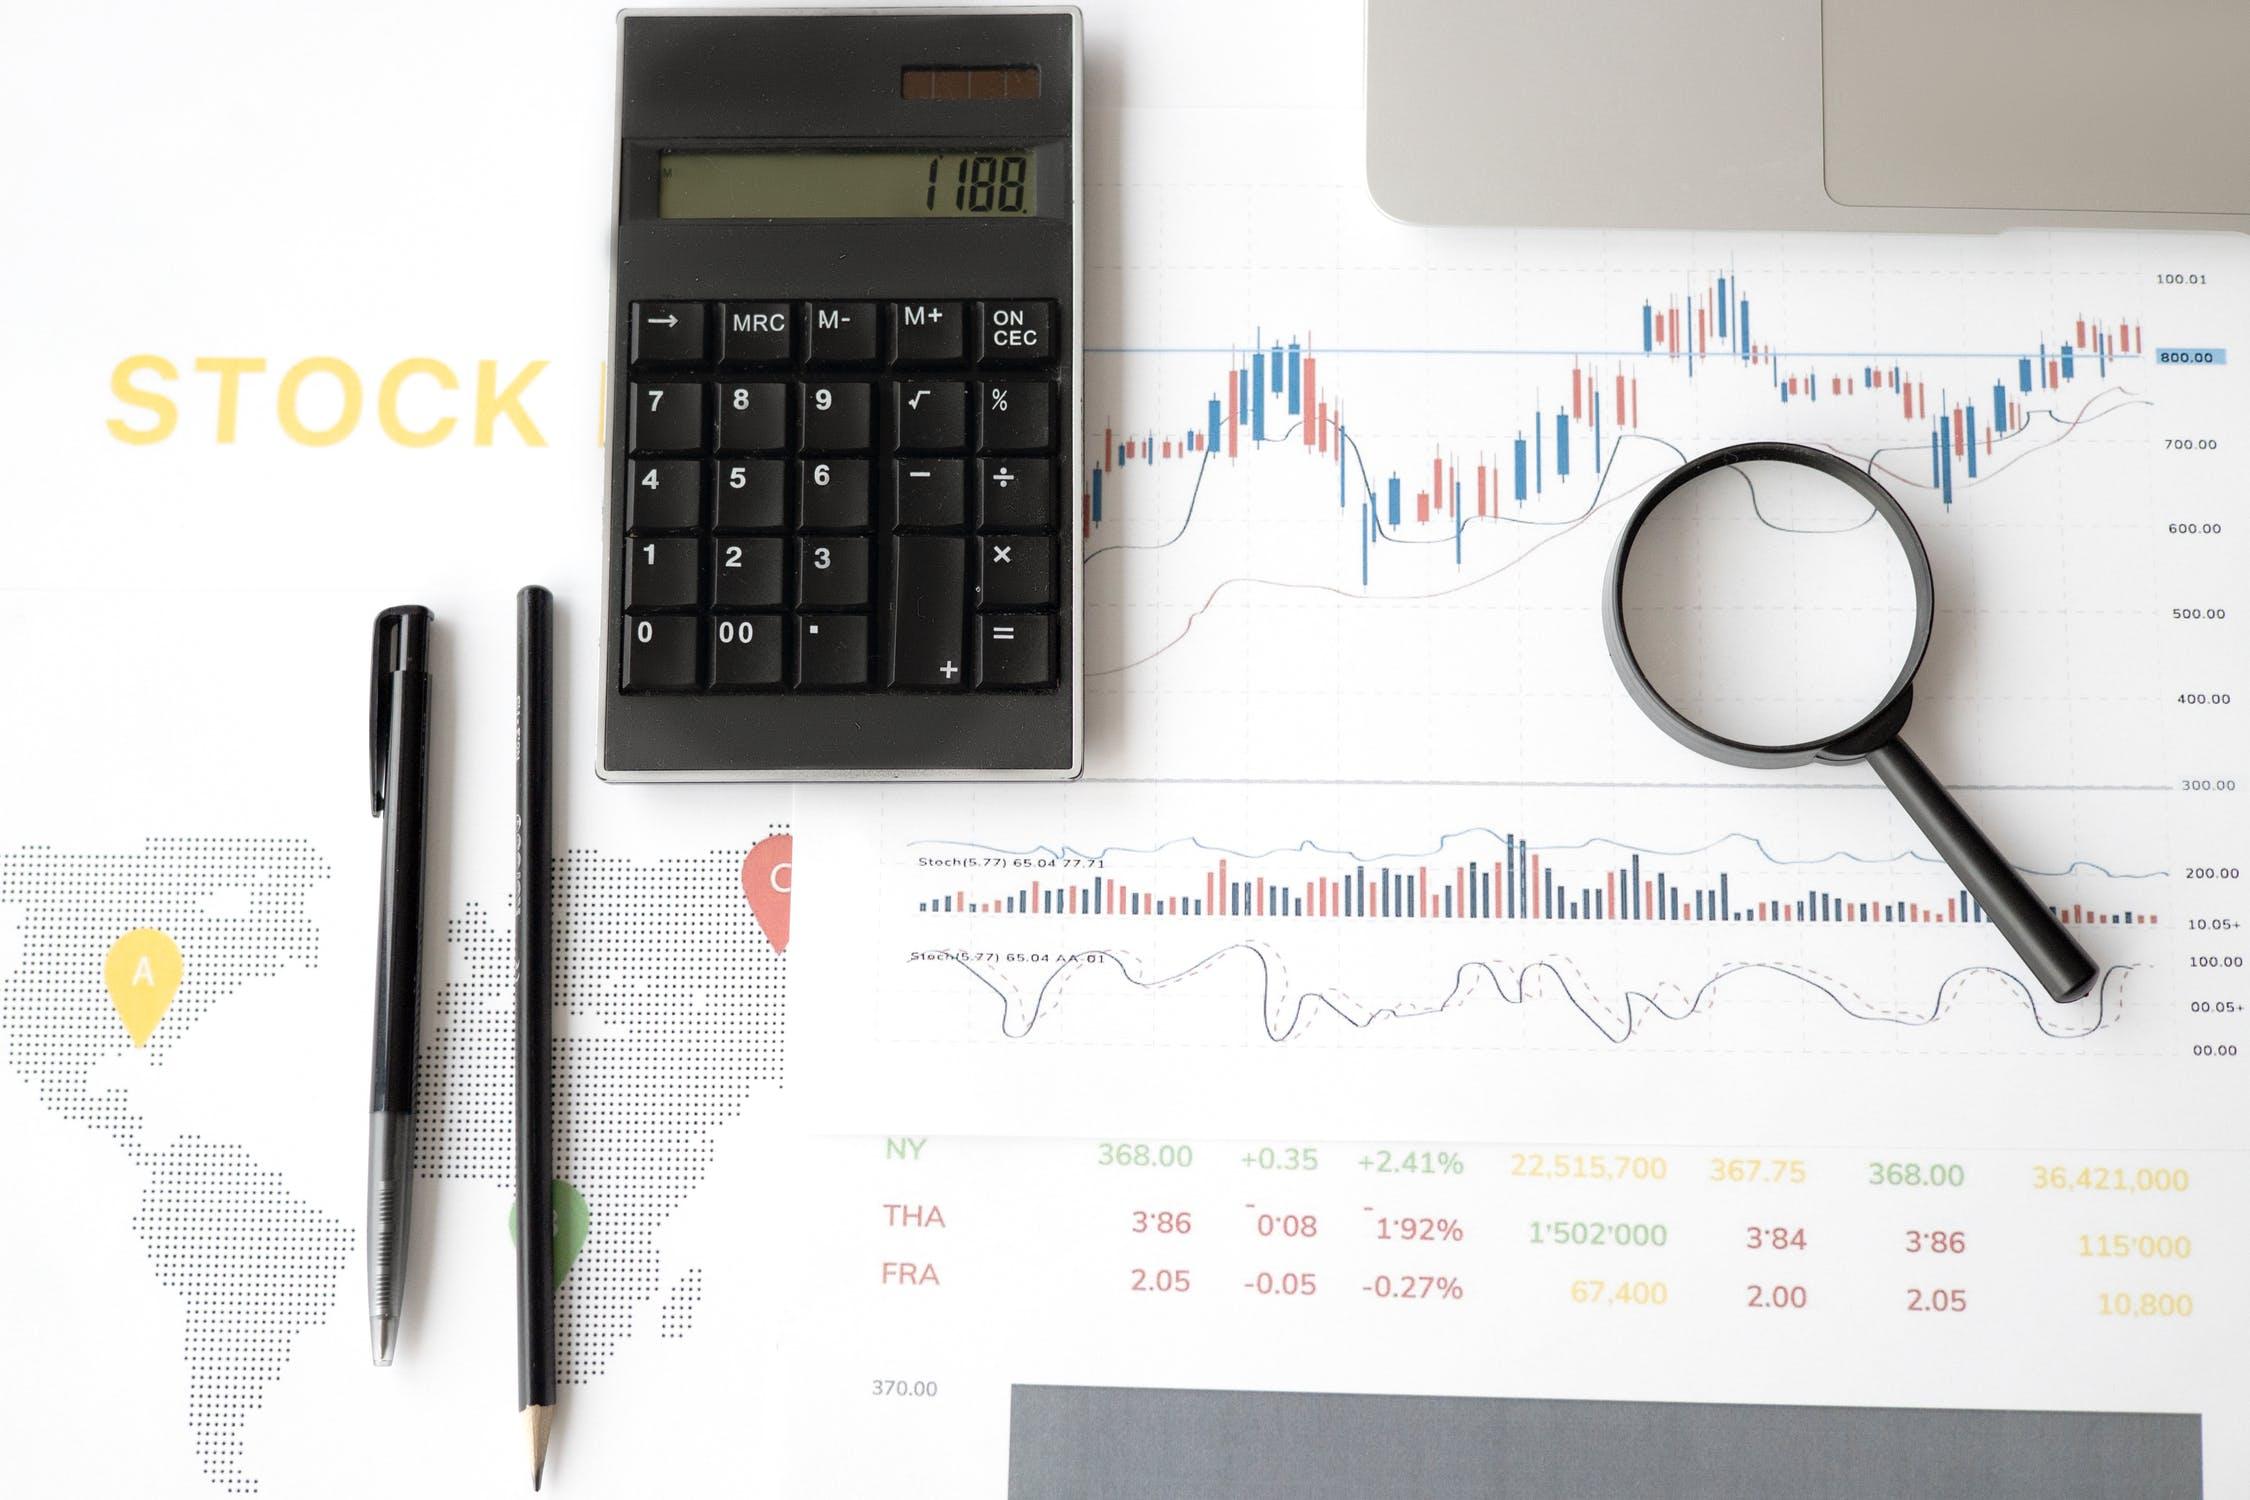 online trading stocks